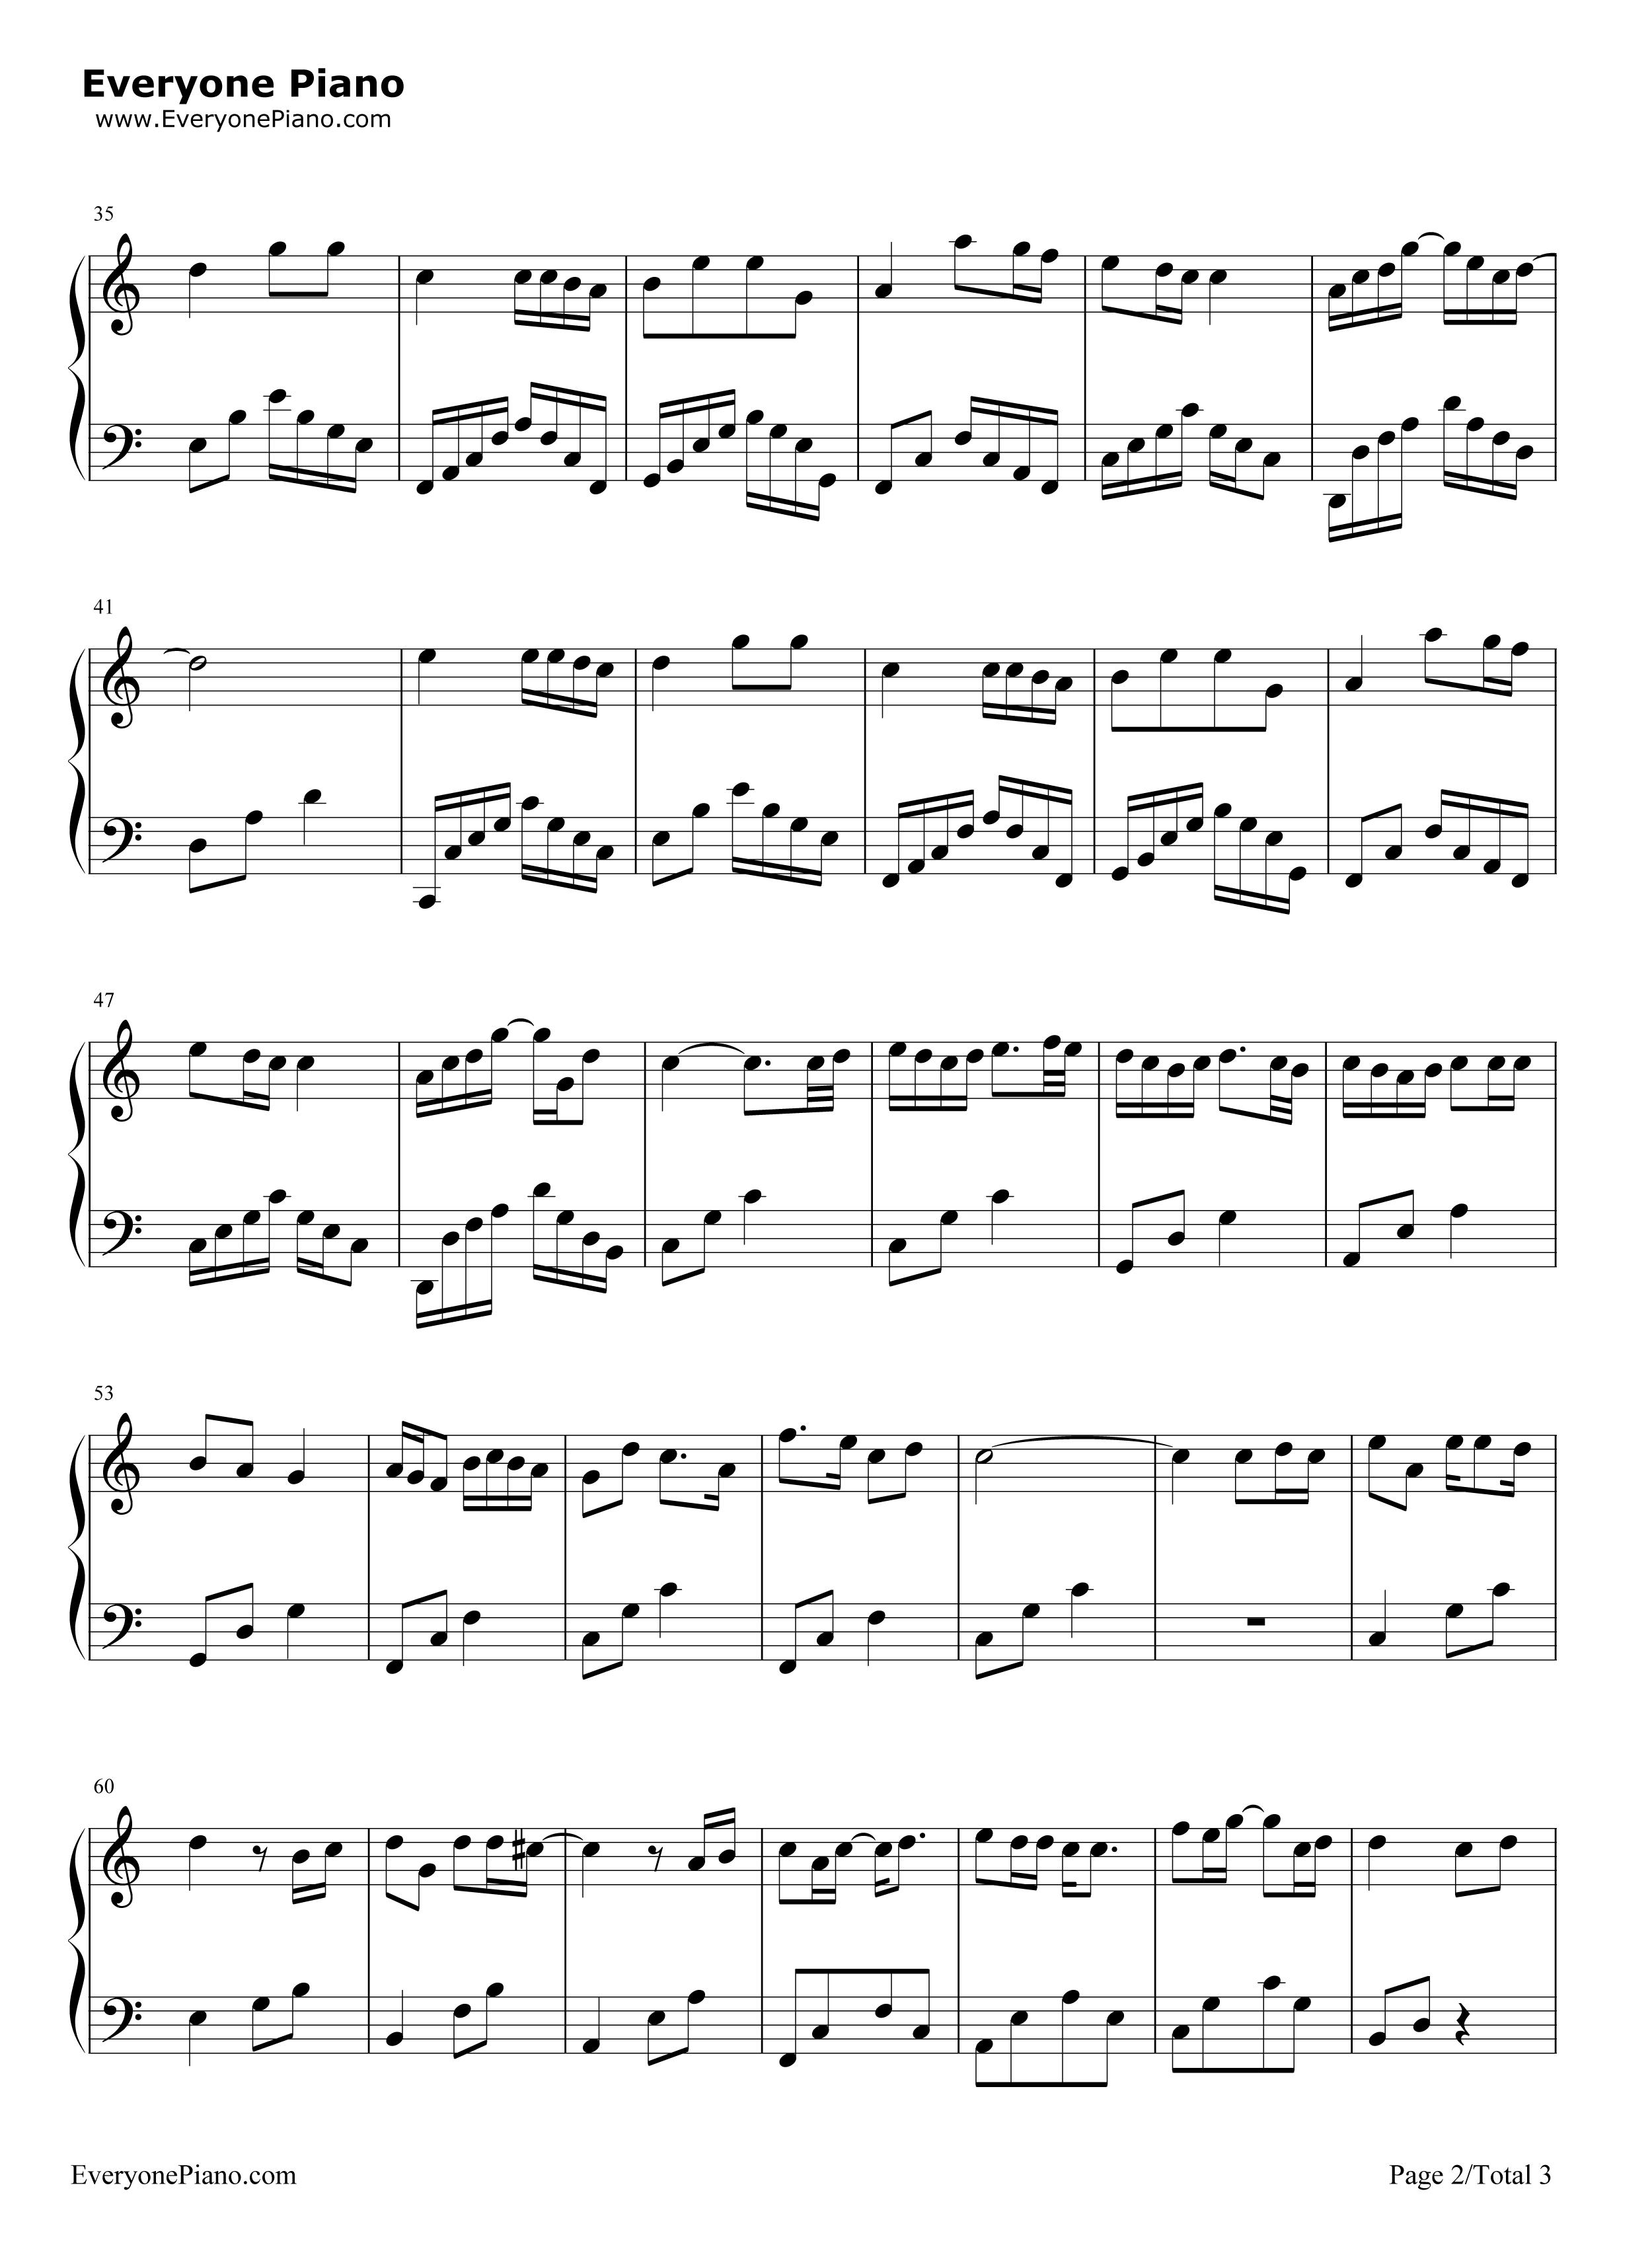 钢琴曲谱 流行 小星星-汪苏泷 小星星-汪苏泷五线谱预览2  }  仅供